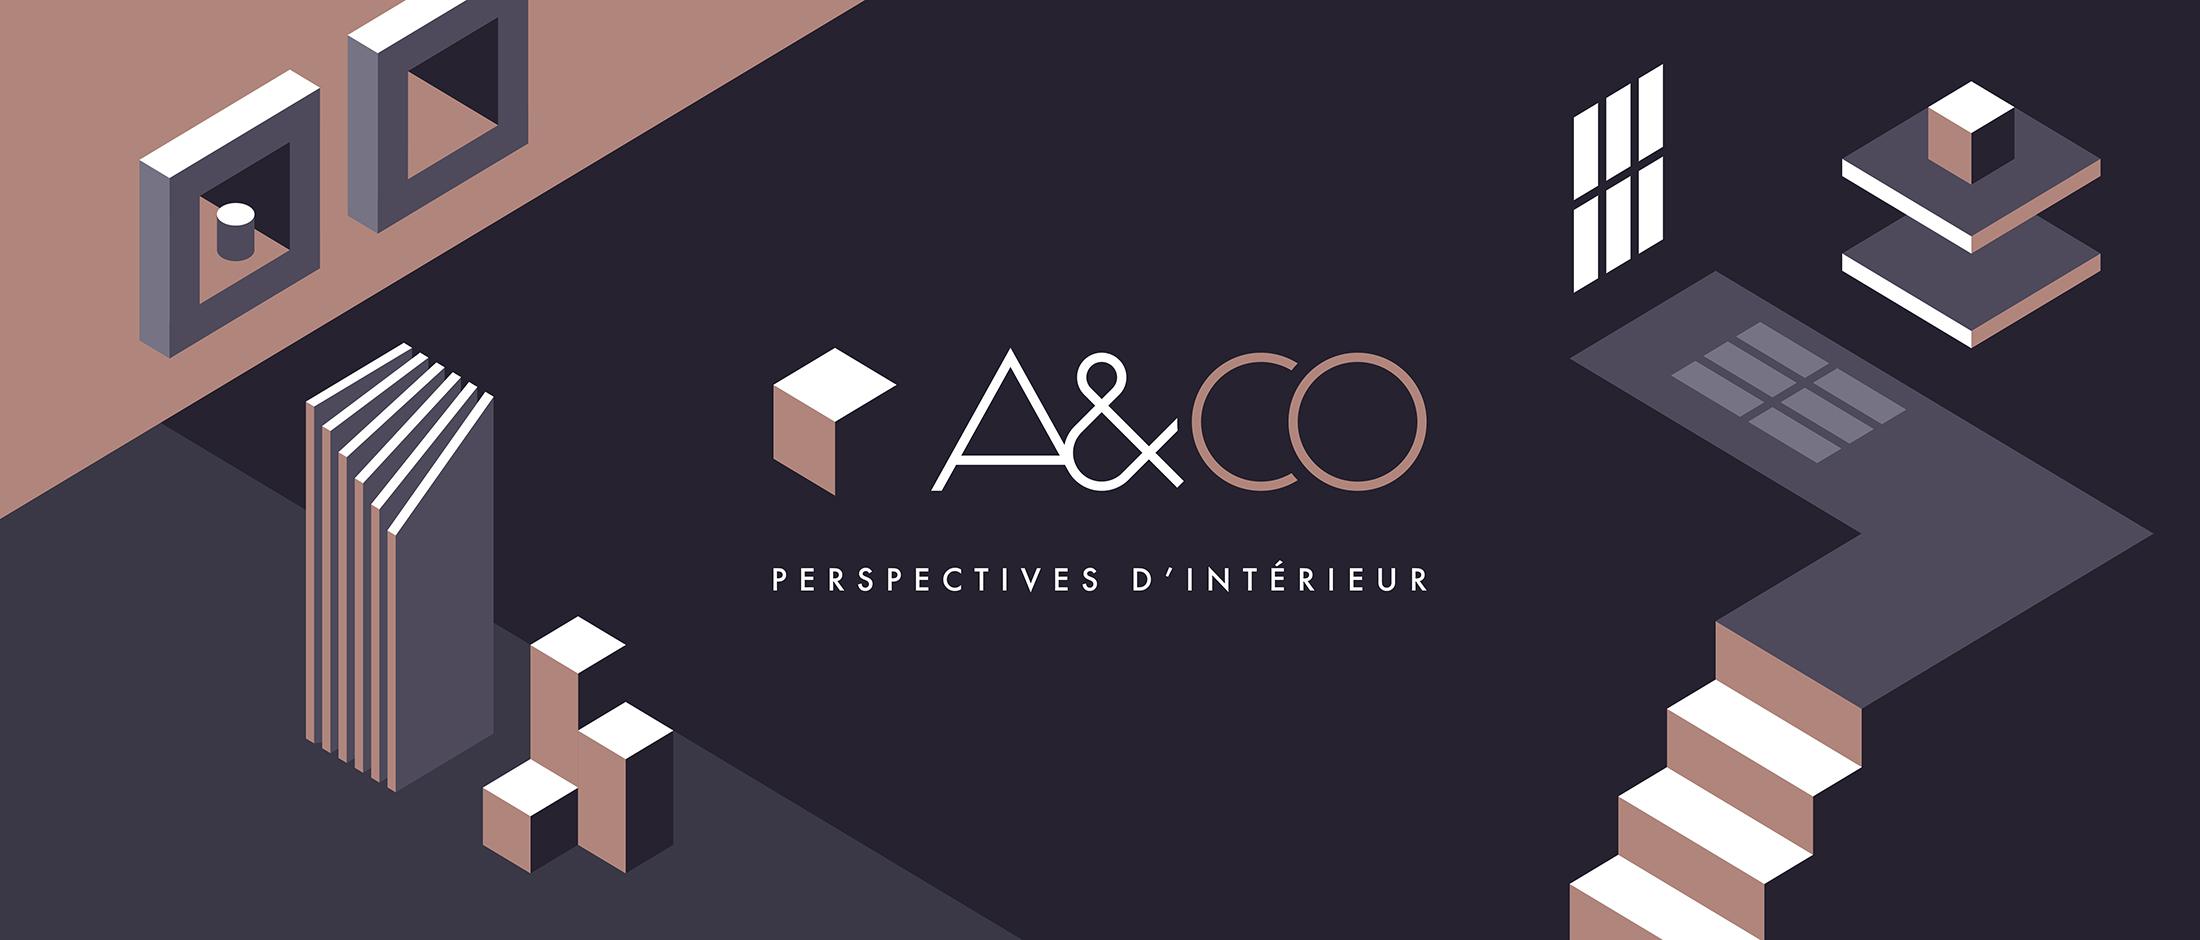 A&CO : Perspectives d'intérieur